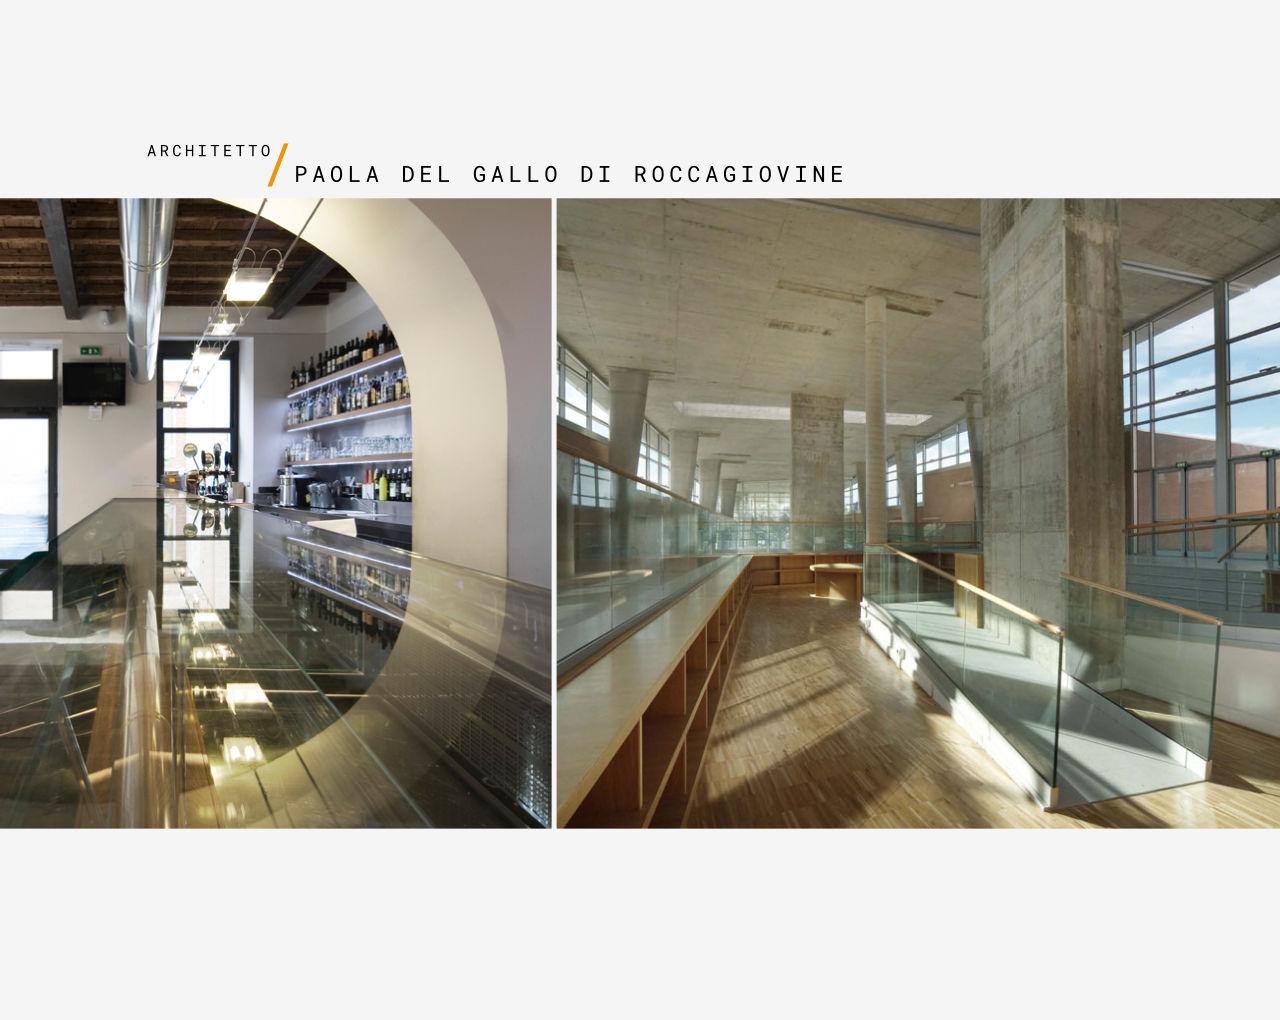 Architetto Paola Del Gallo